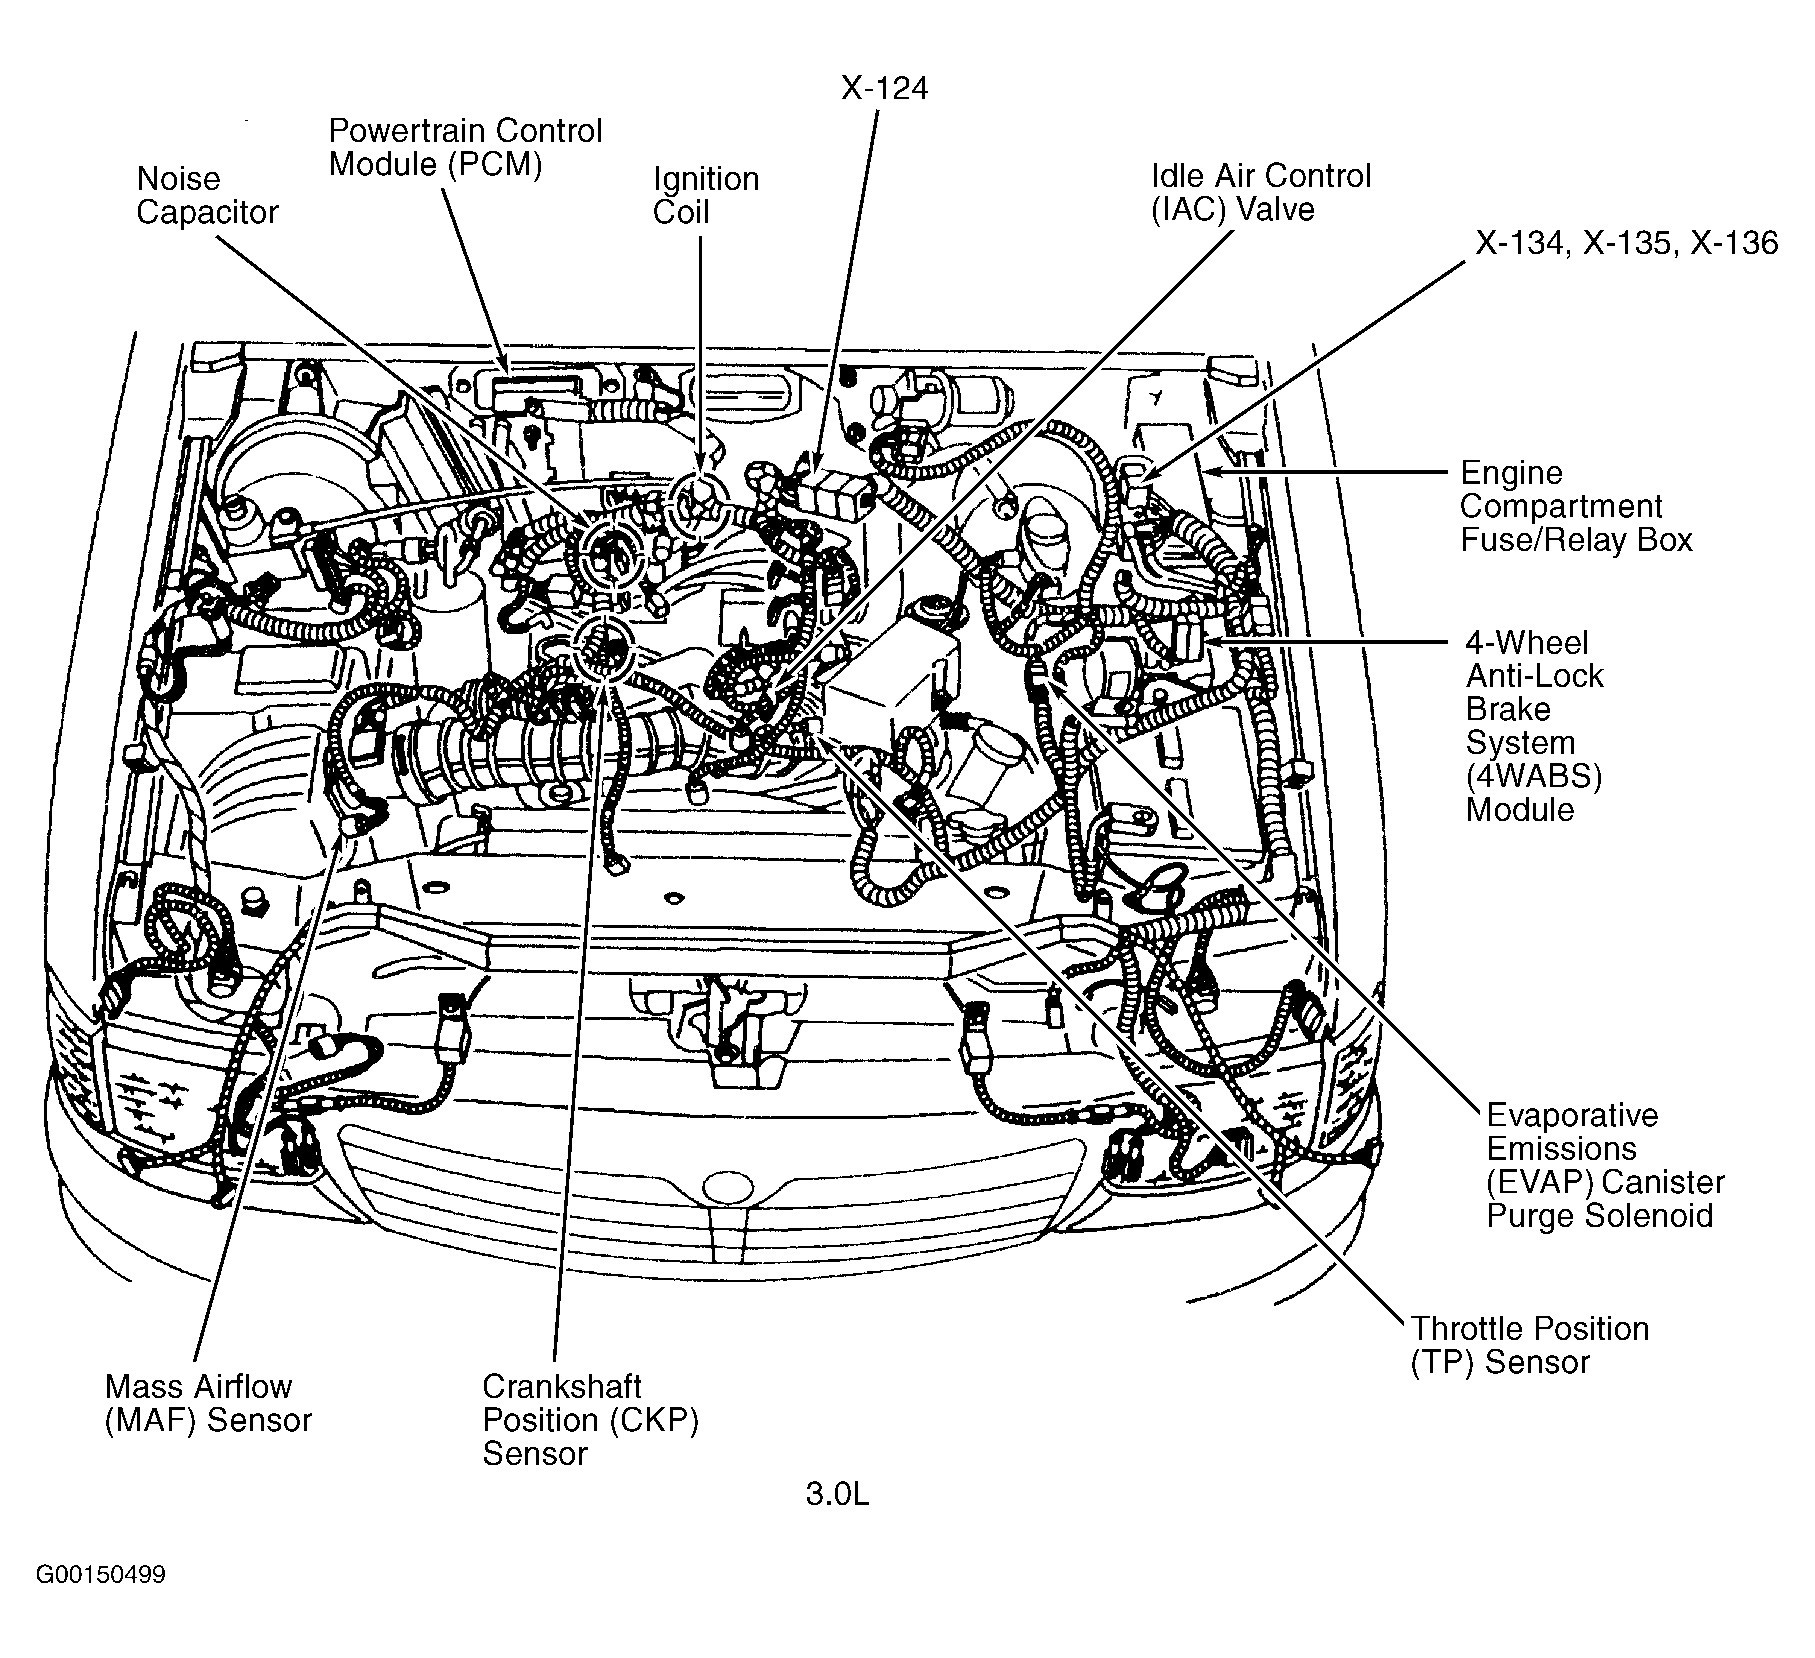 Chevy Truck Parts Diagram 2001 Chevy Silverado Parts Diagram Schema Wiring Diagram Of Chevy Truck Parts Diagram